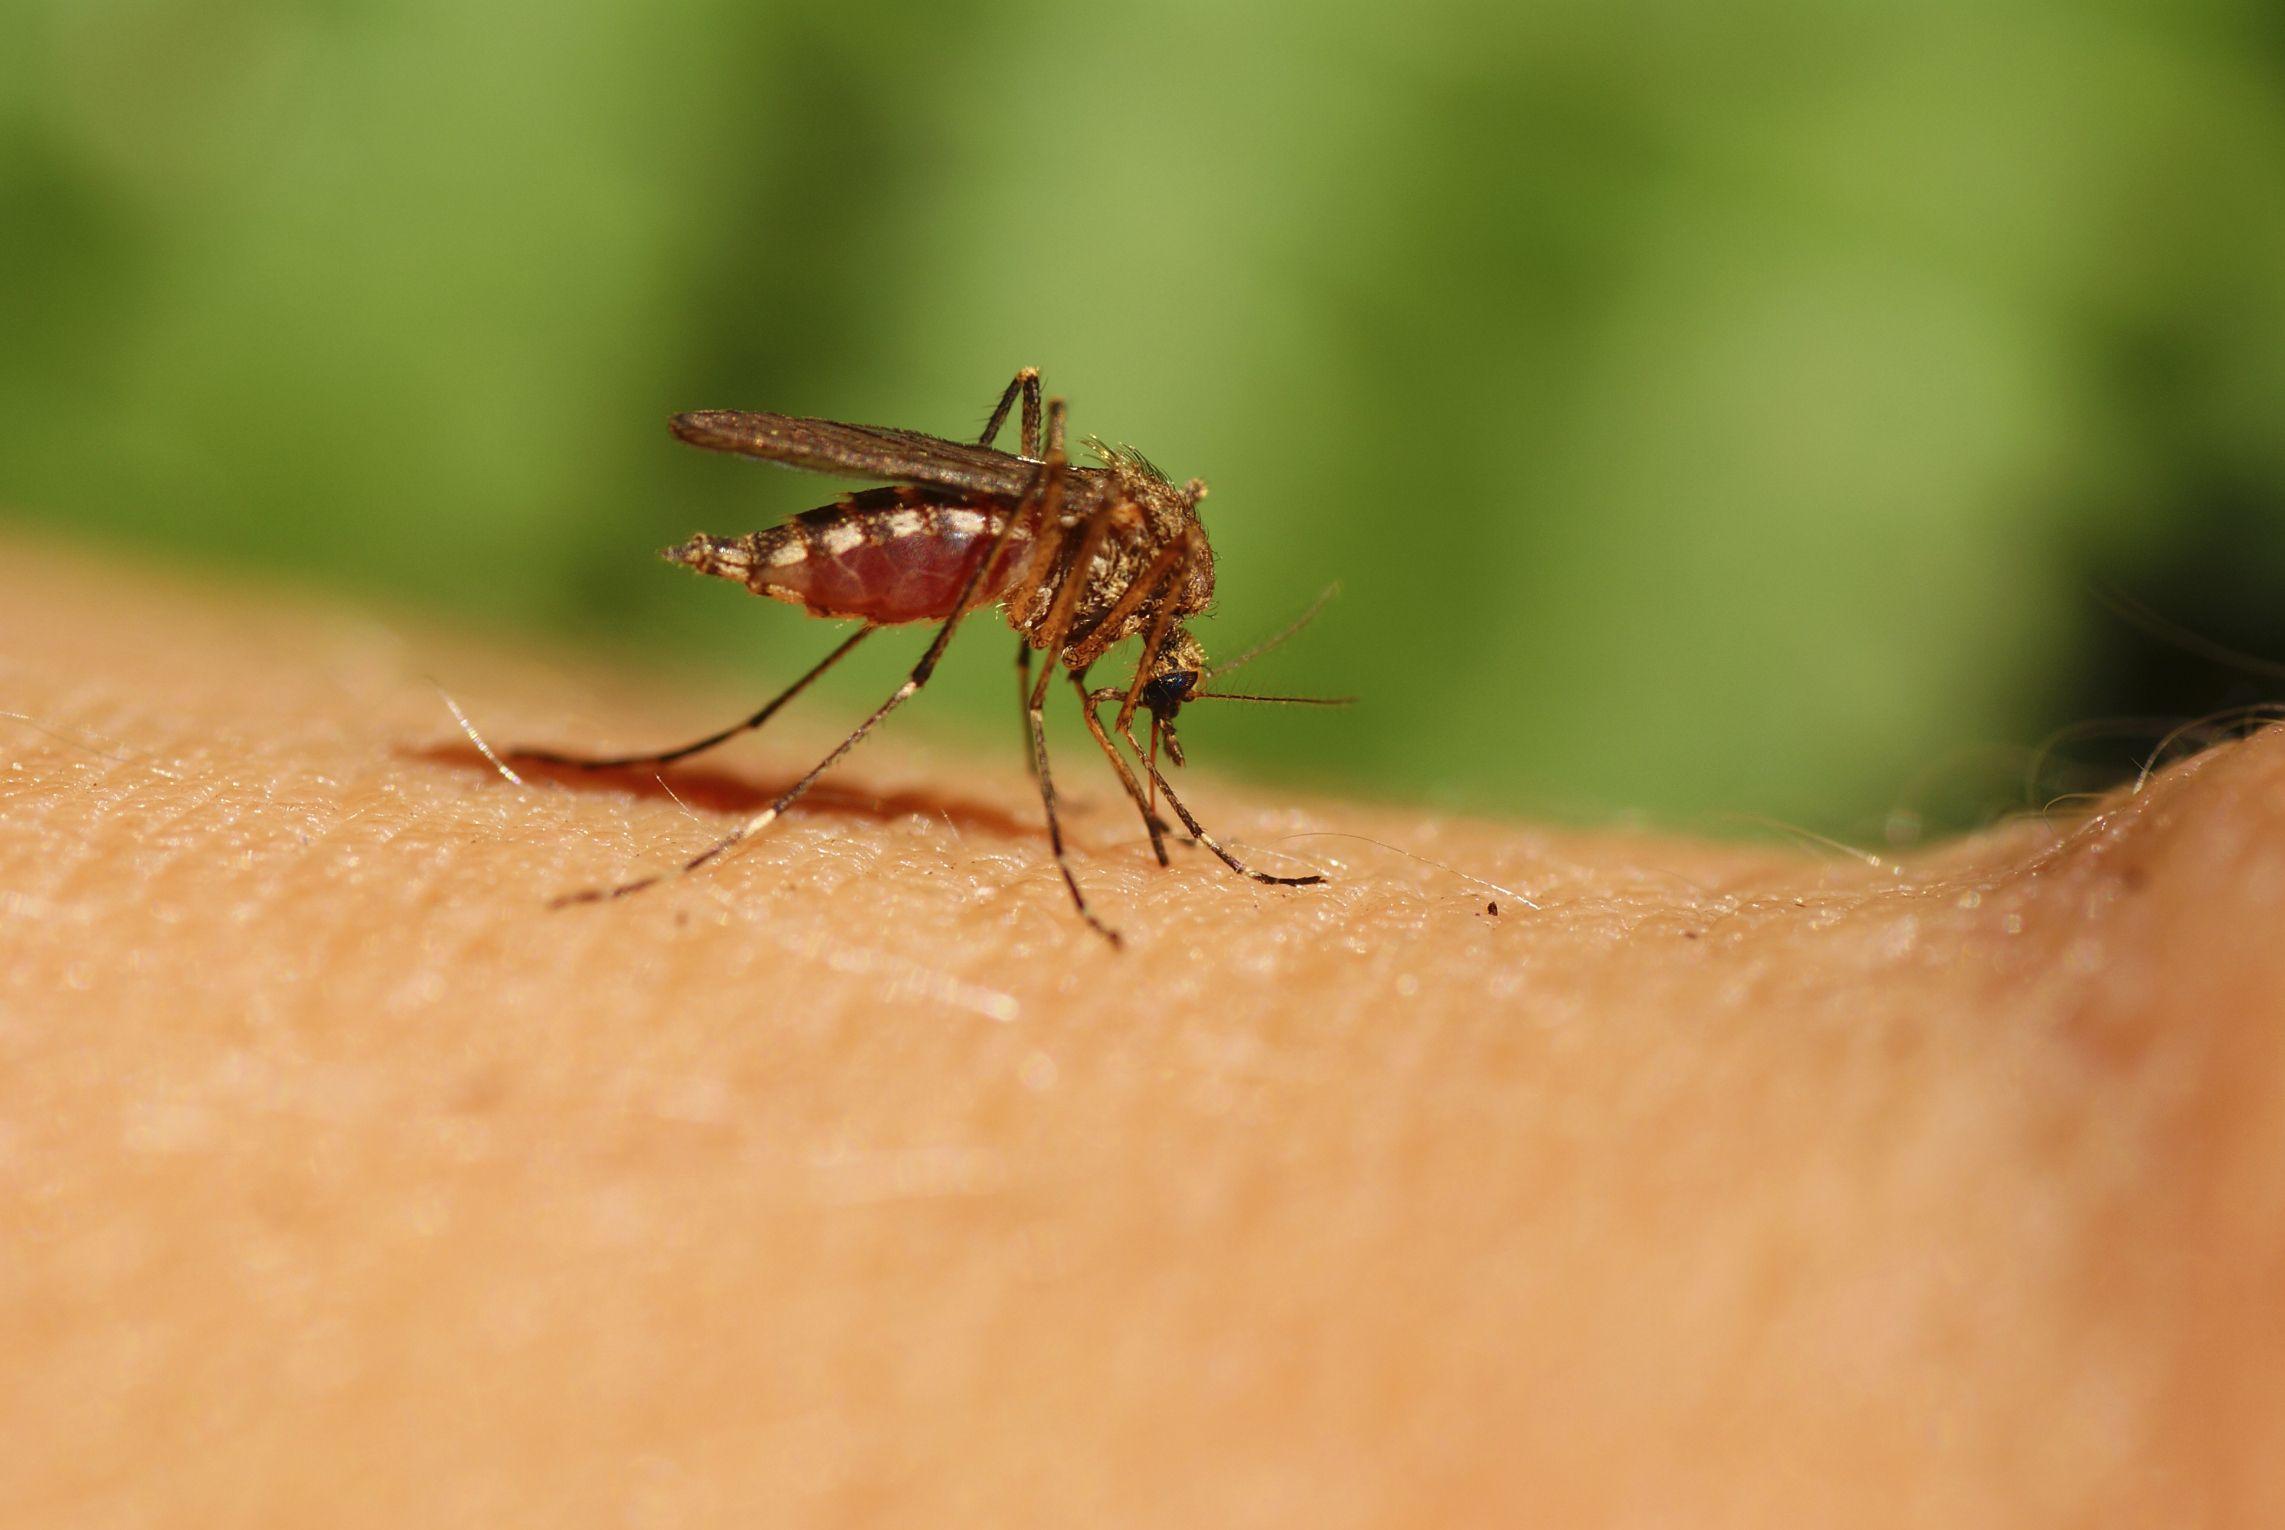 В преддверии опасного сезона: что важно знать о лихорадке Западного Нила